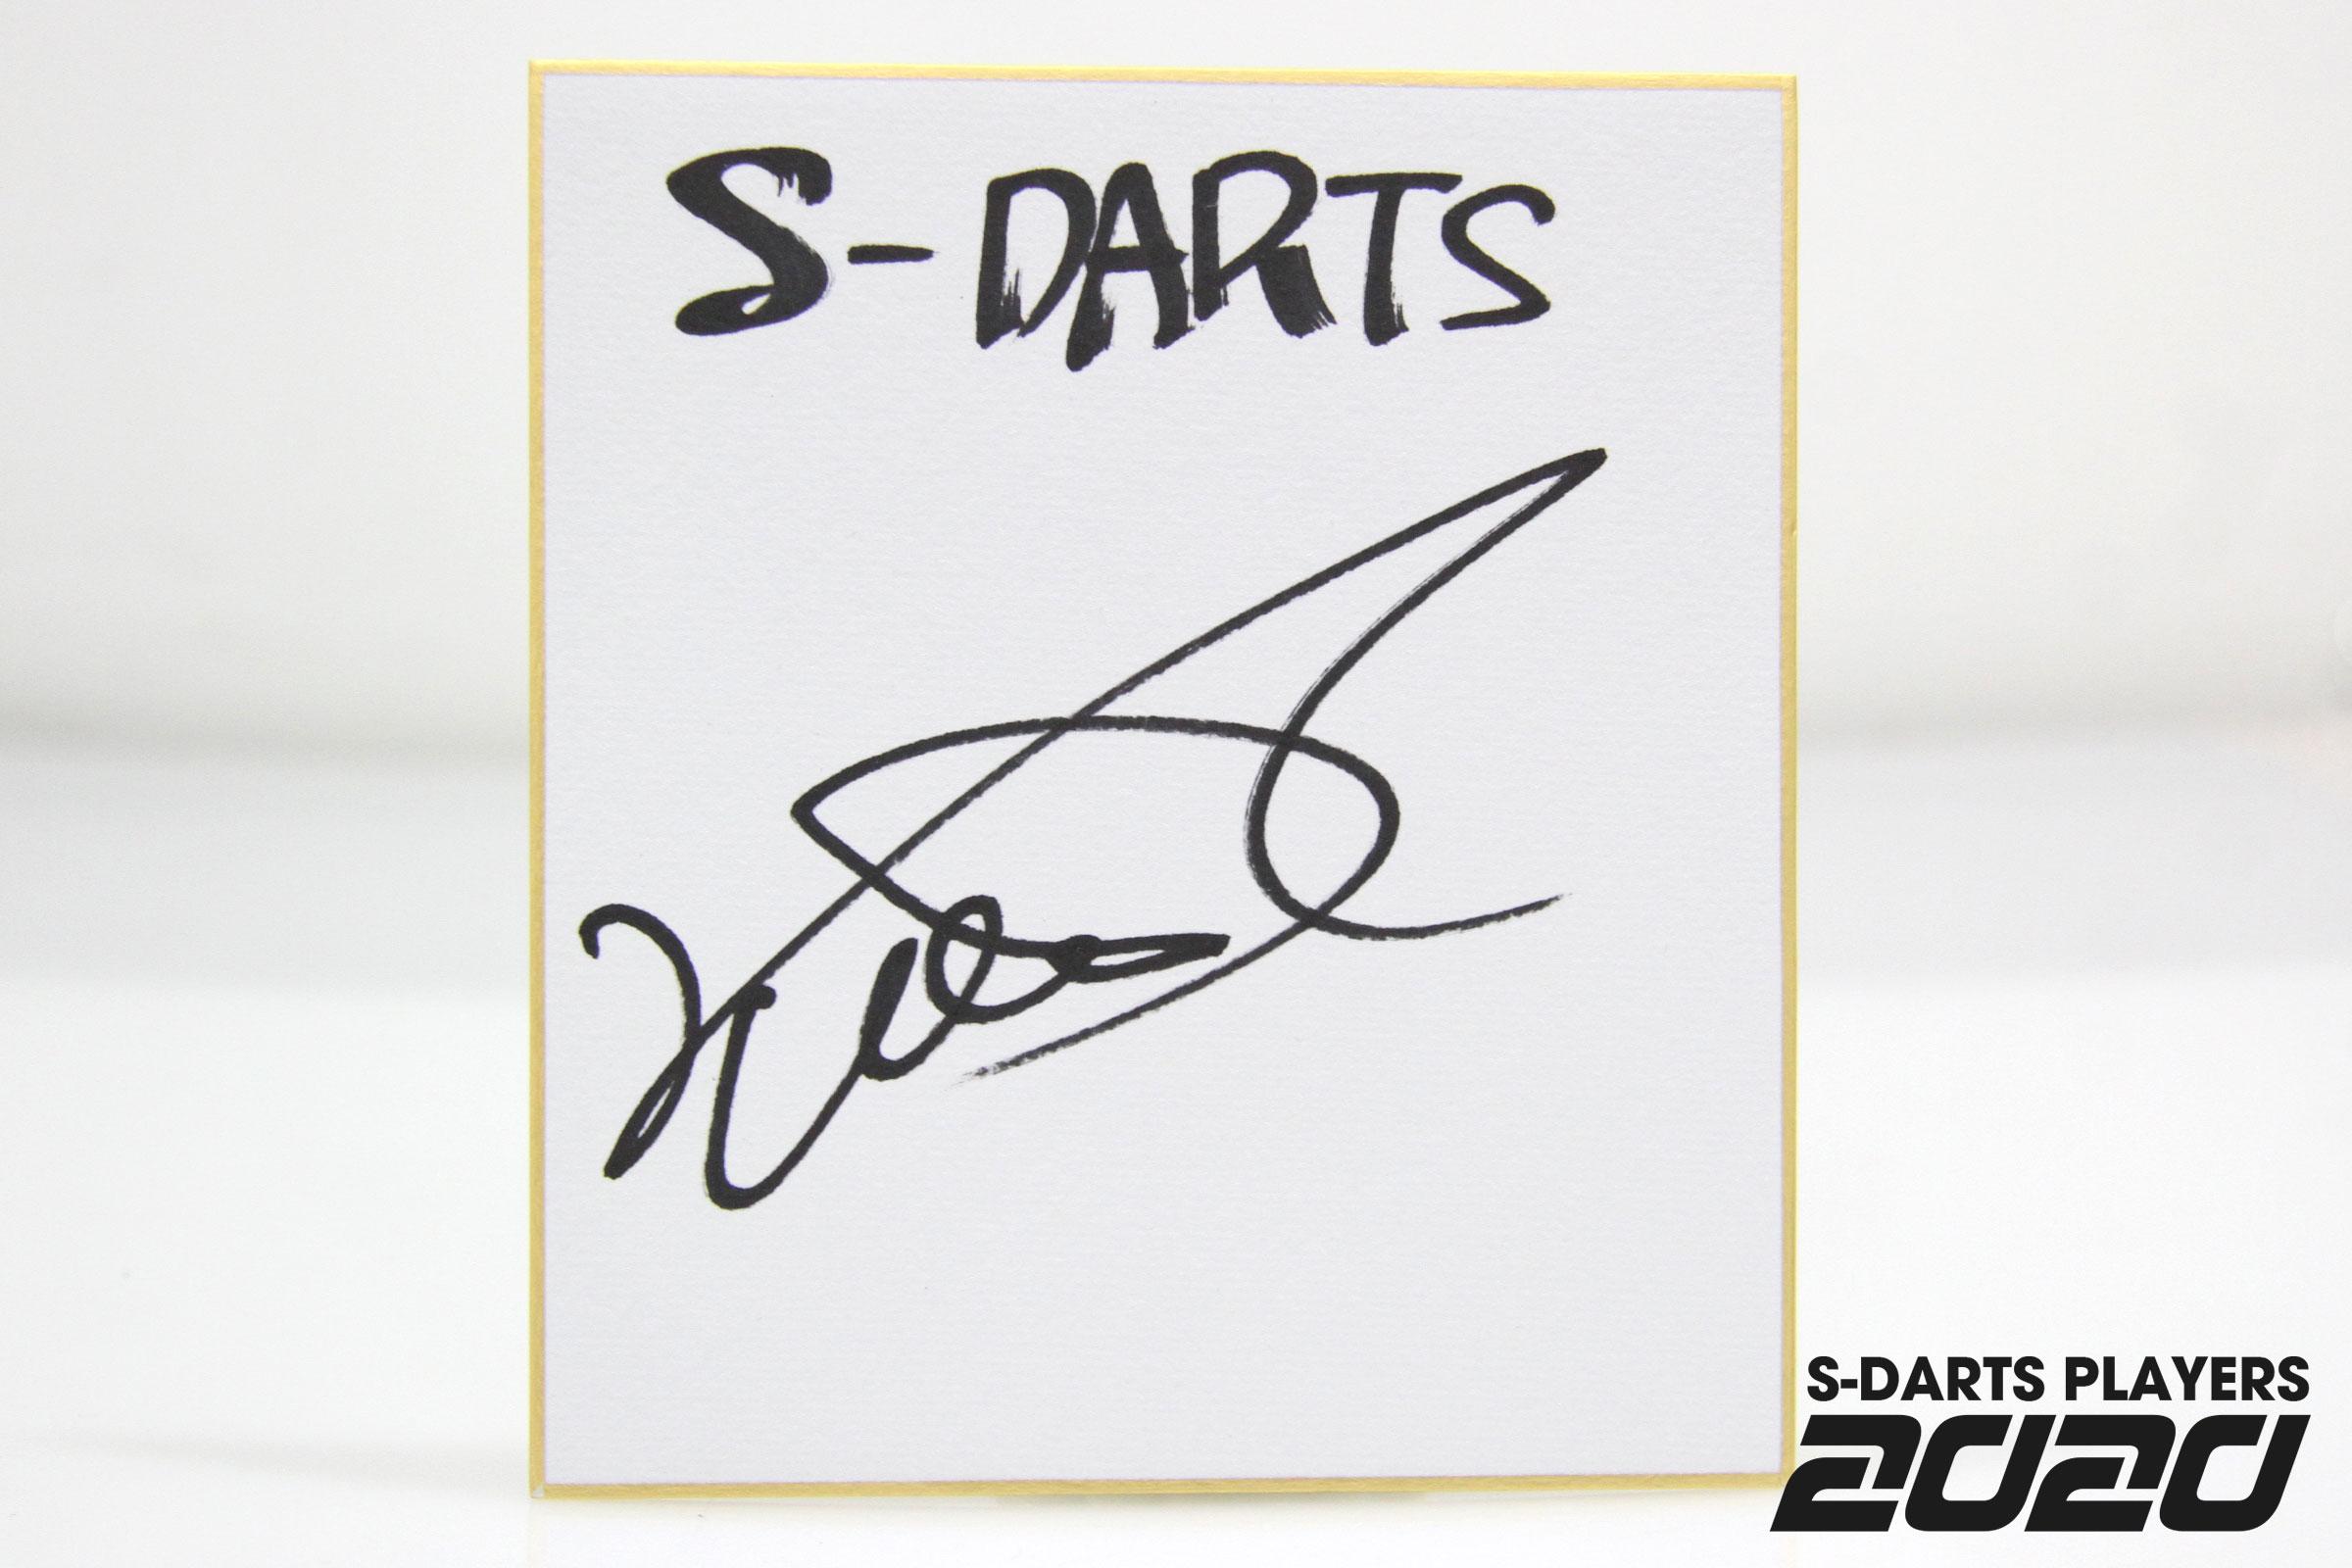 S-DARTS PLAYERS 2020│金子憲太